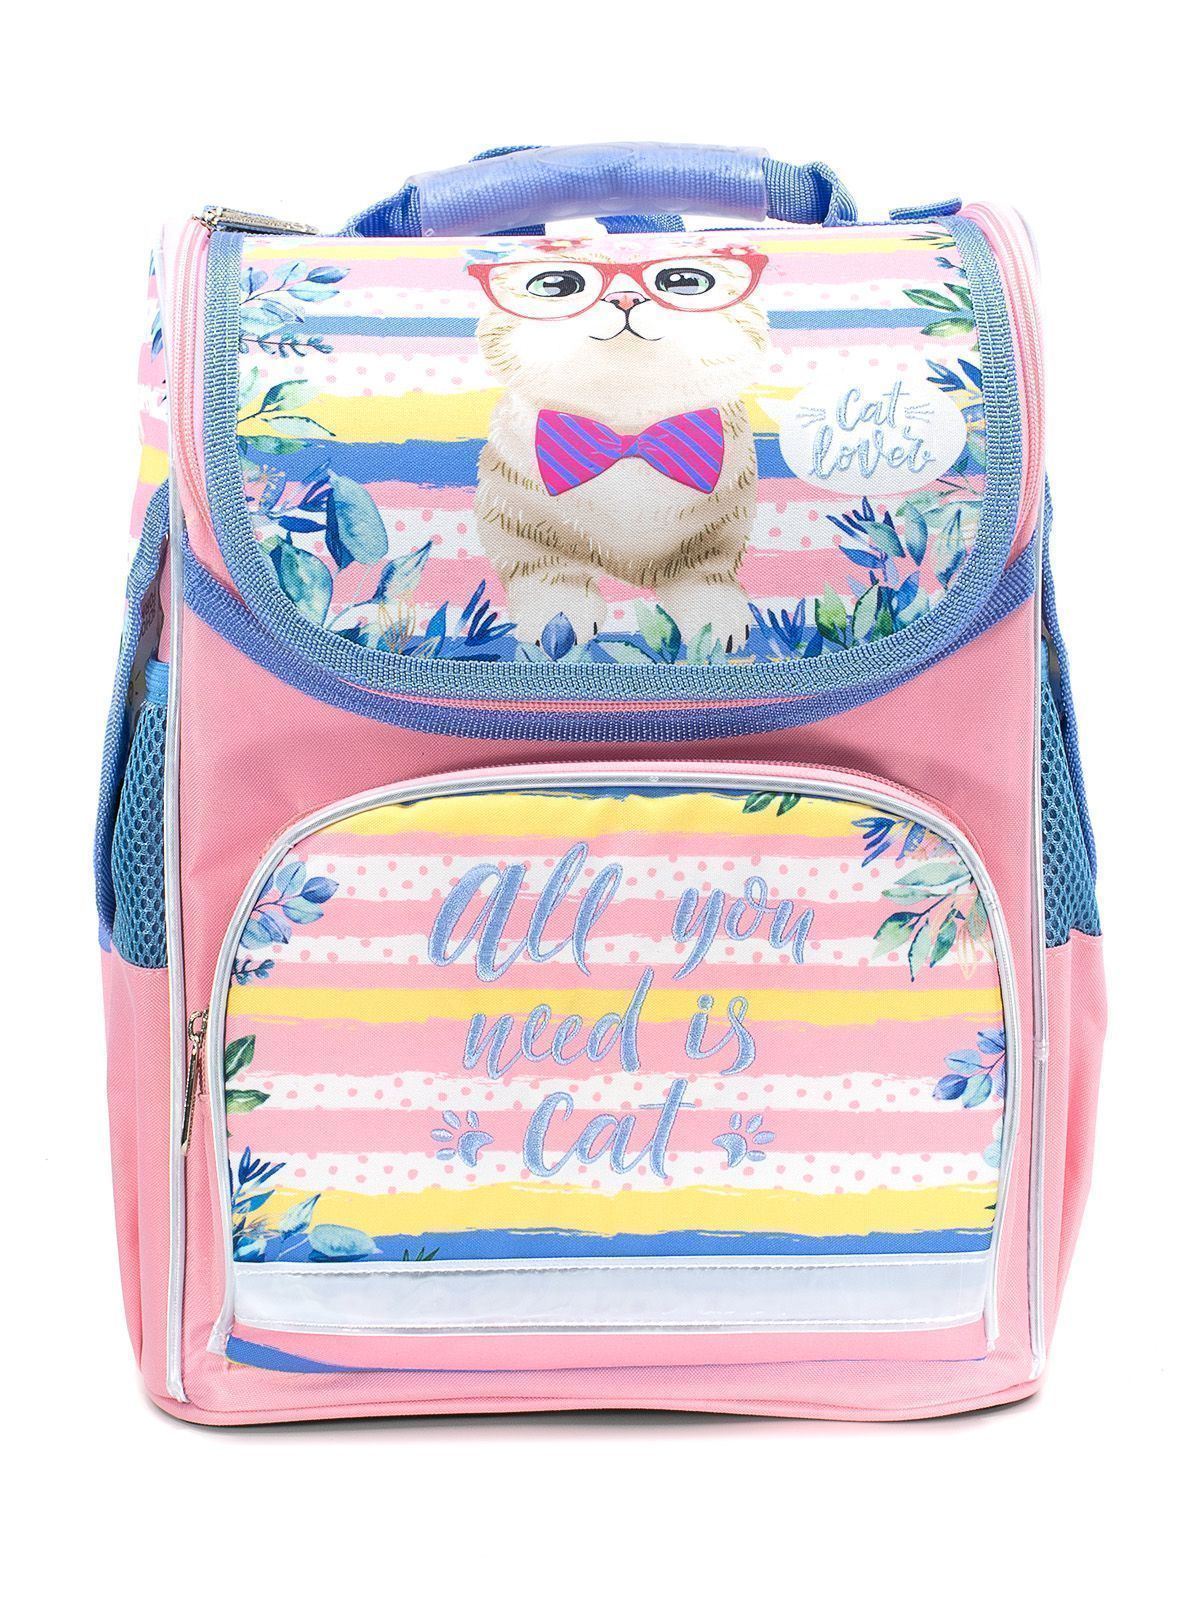 Рюкзак Schoolformat Sweet Kitty, модель BASIC, жесткий каркас, односекционный, 38х28х16 см, 15 л, для девочек